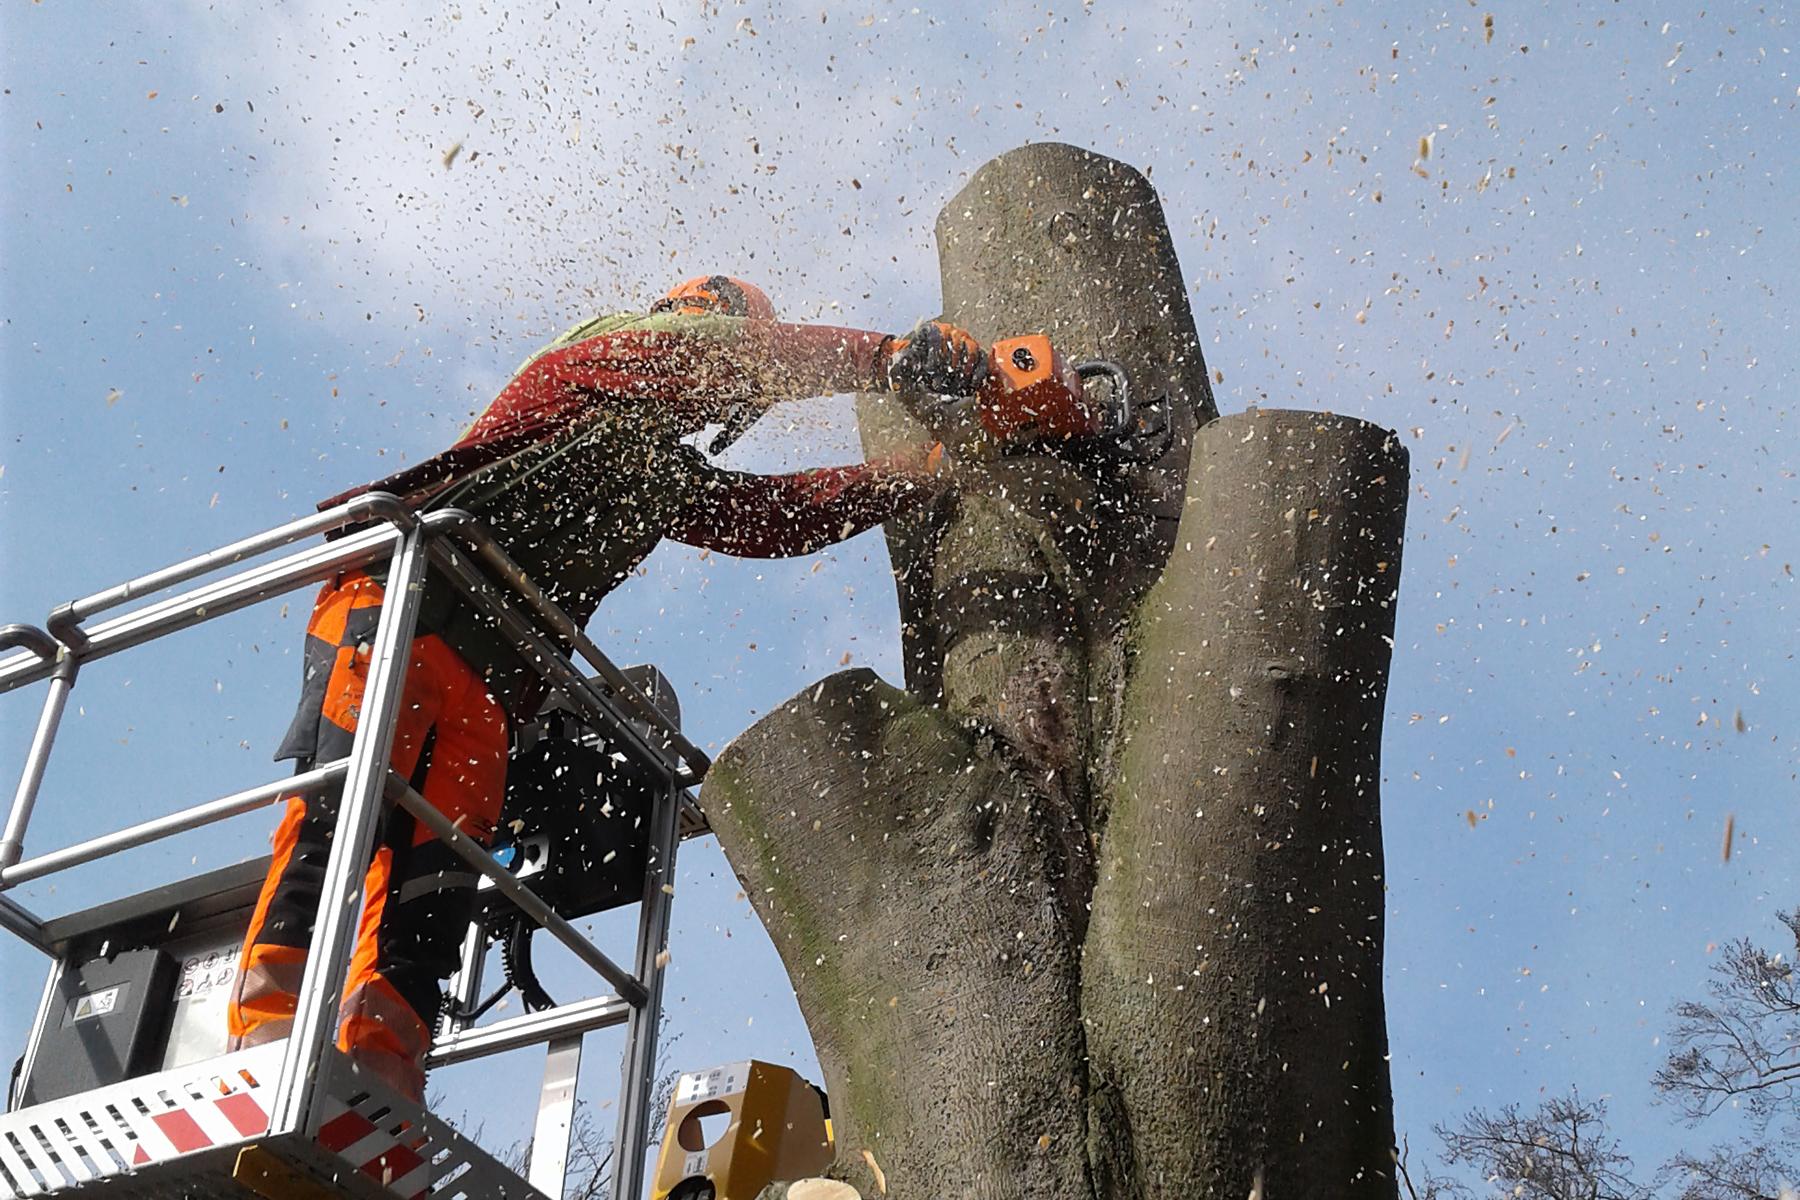 Baumpflege Wojtkowski Rückschnitt eines Baumes nach Sturmschaden